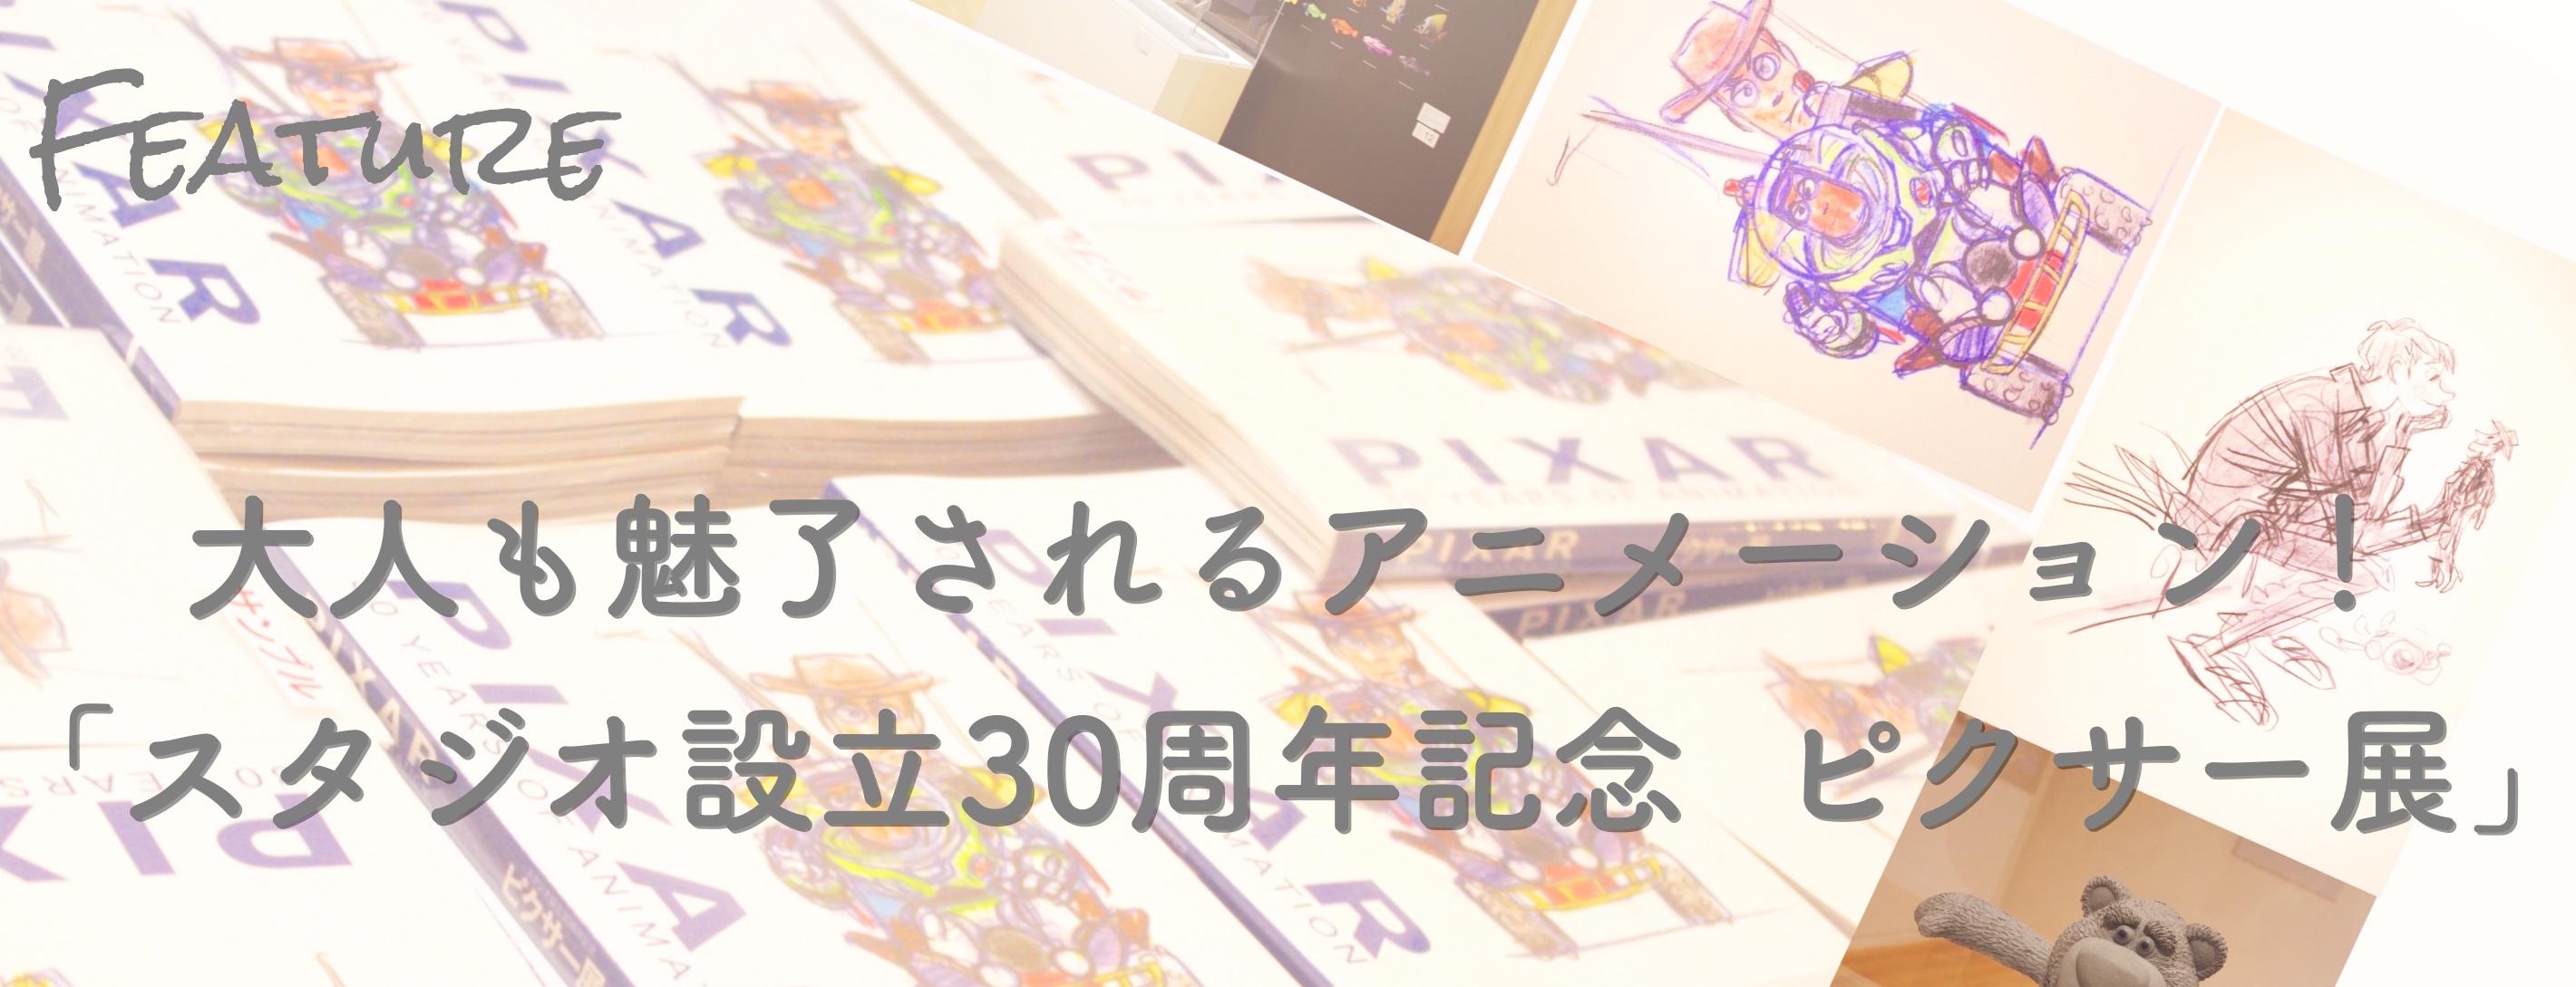 大人も魅了されるアニメーション! 「スタジオ設立30周年記念 ピクサー展」